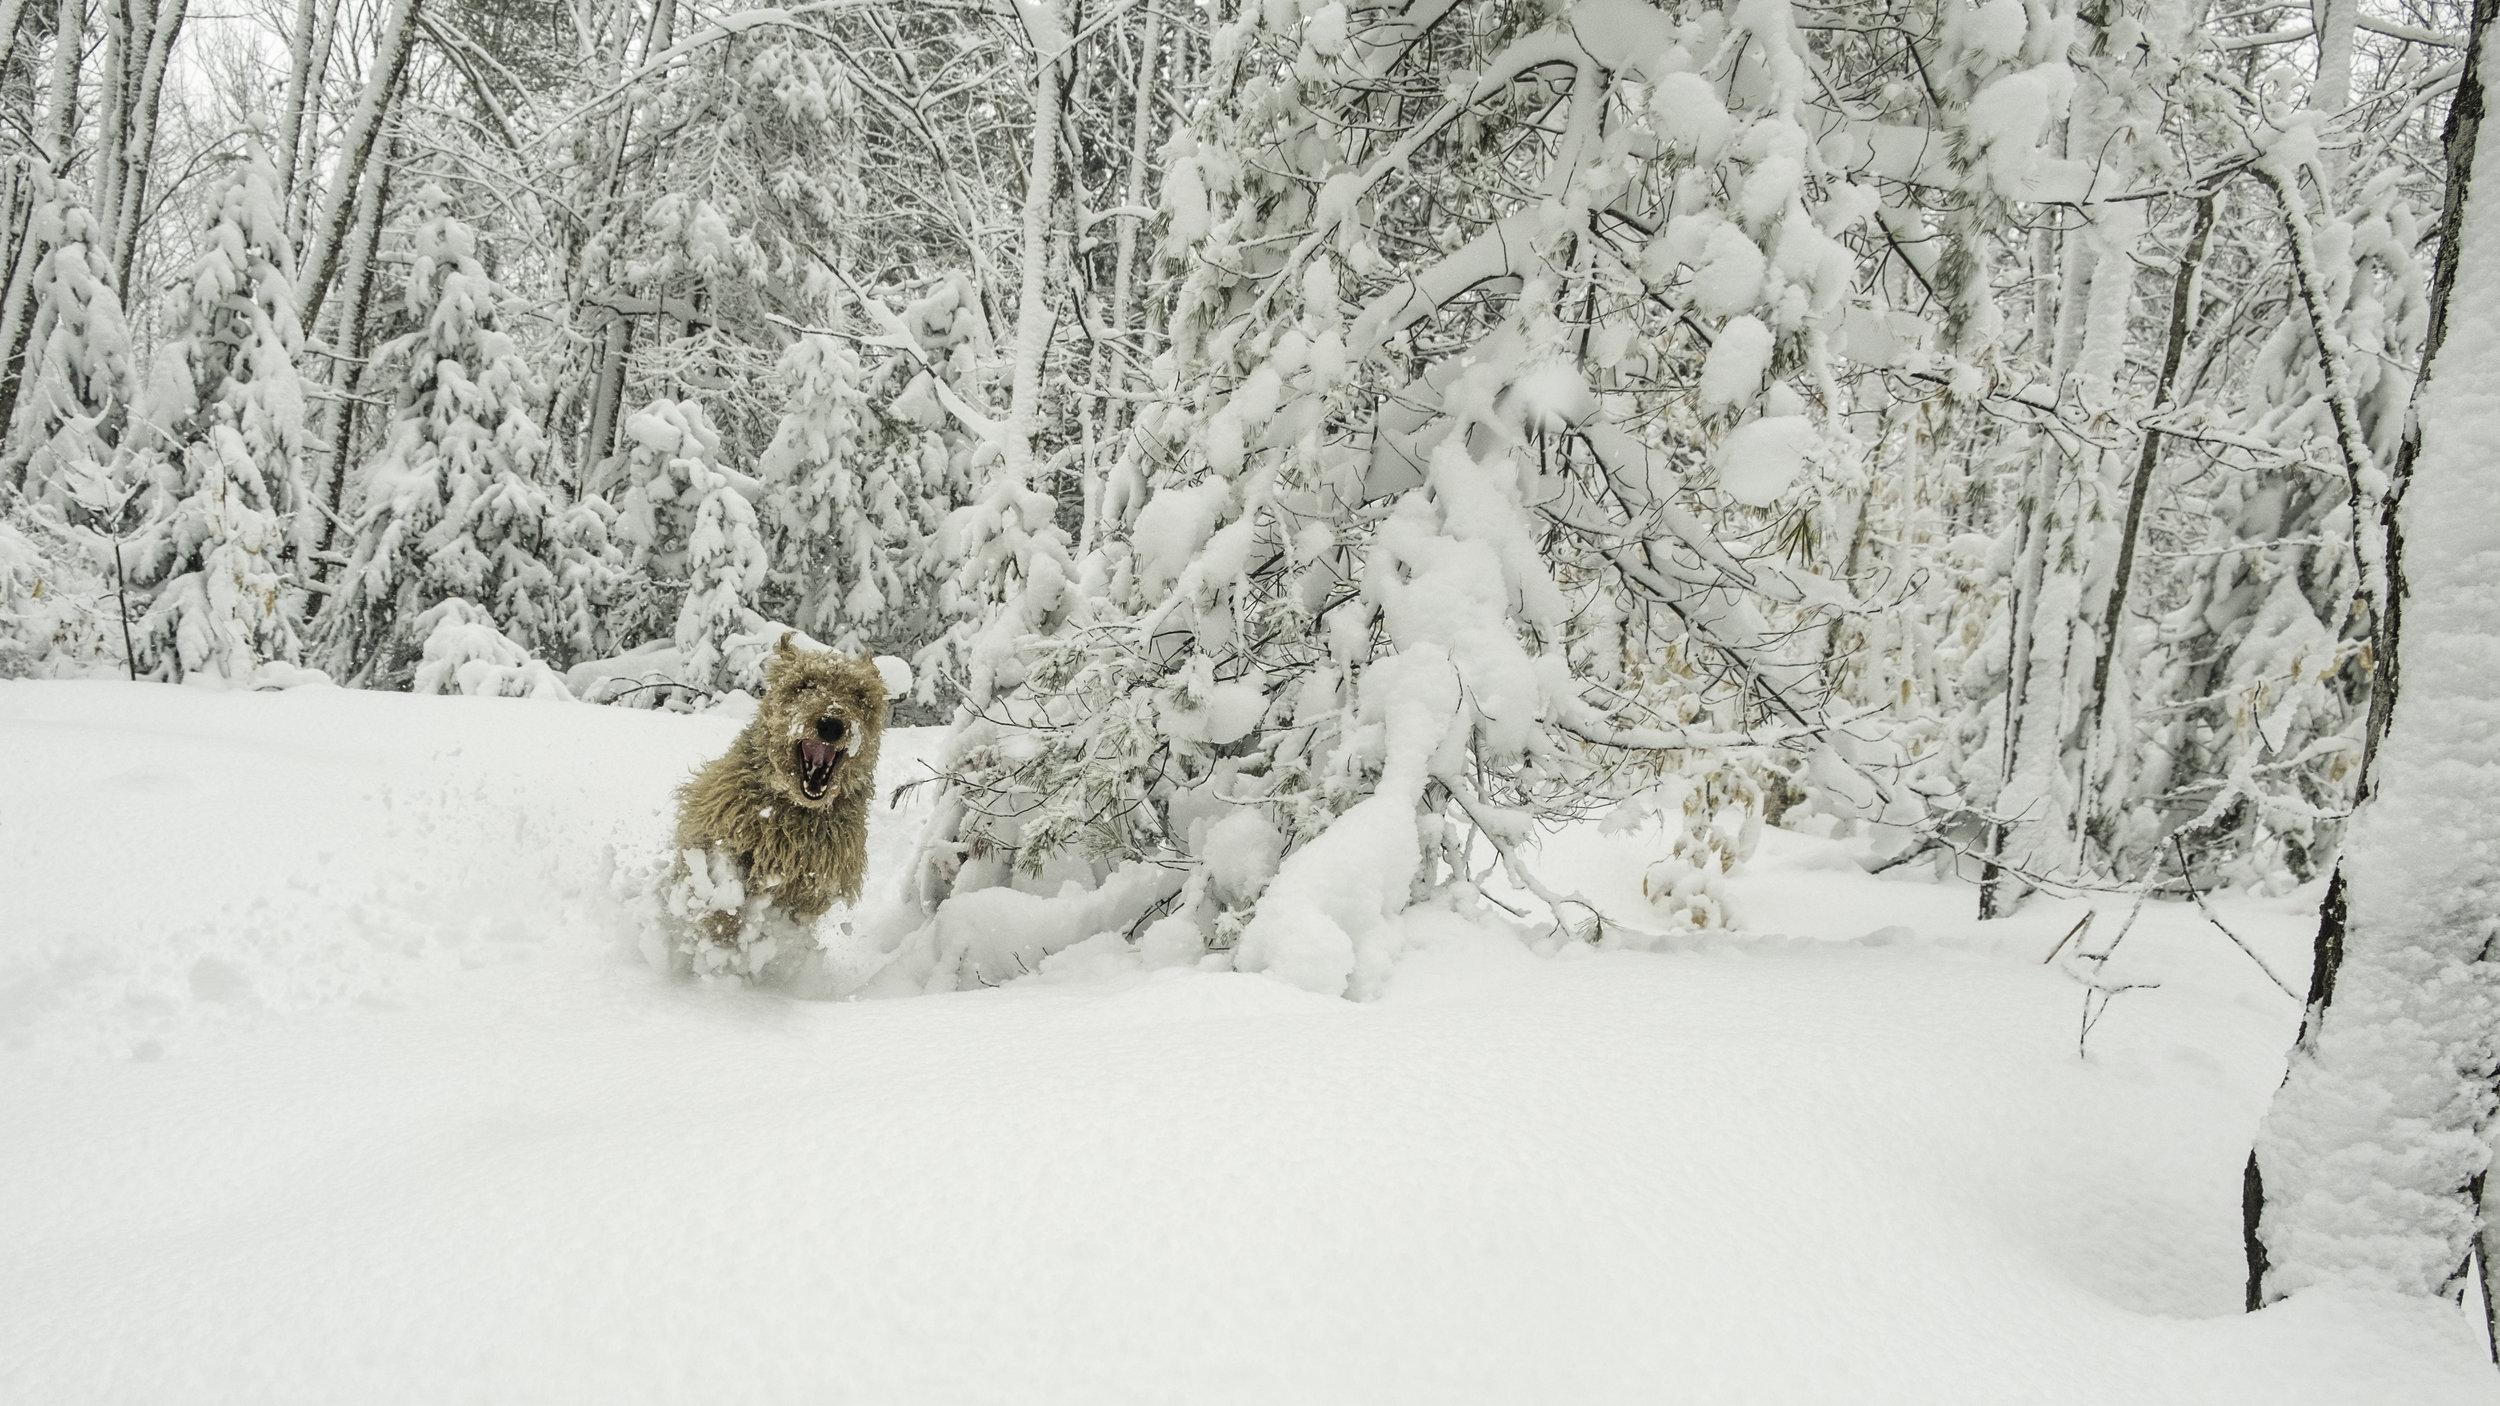 17_20180308_untitled_SnowStormBackyard_DSCF4417.jpg